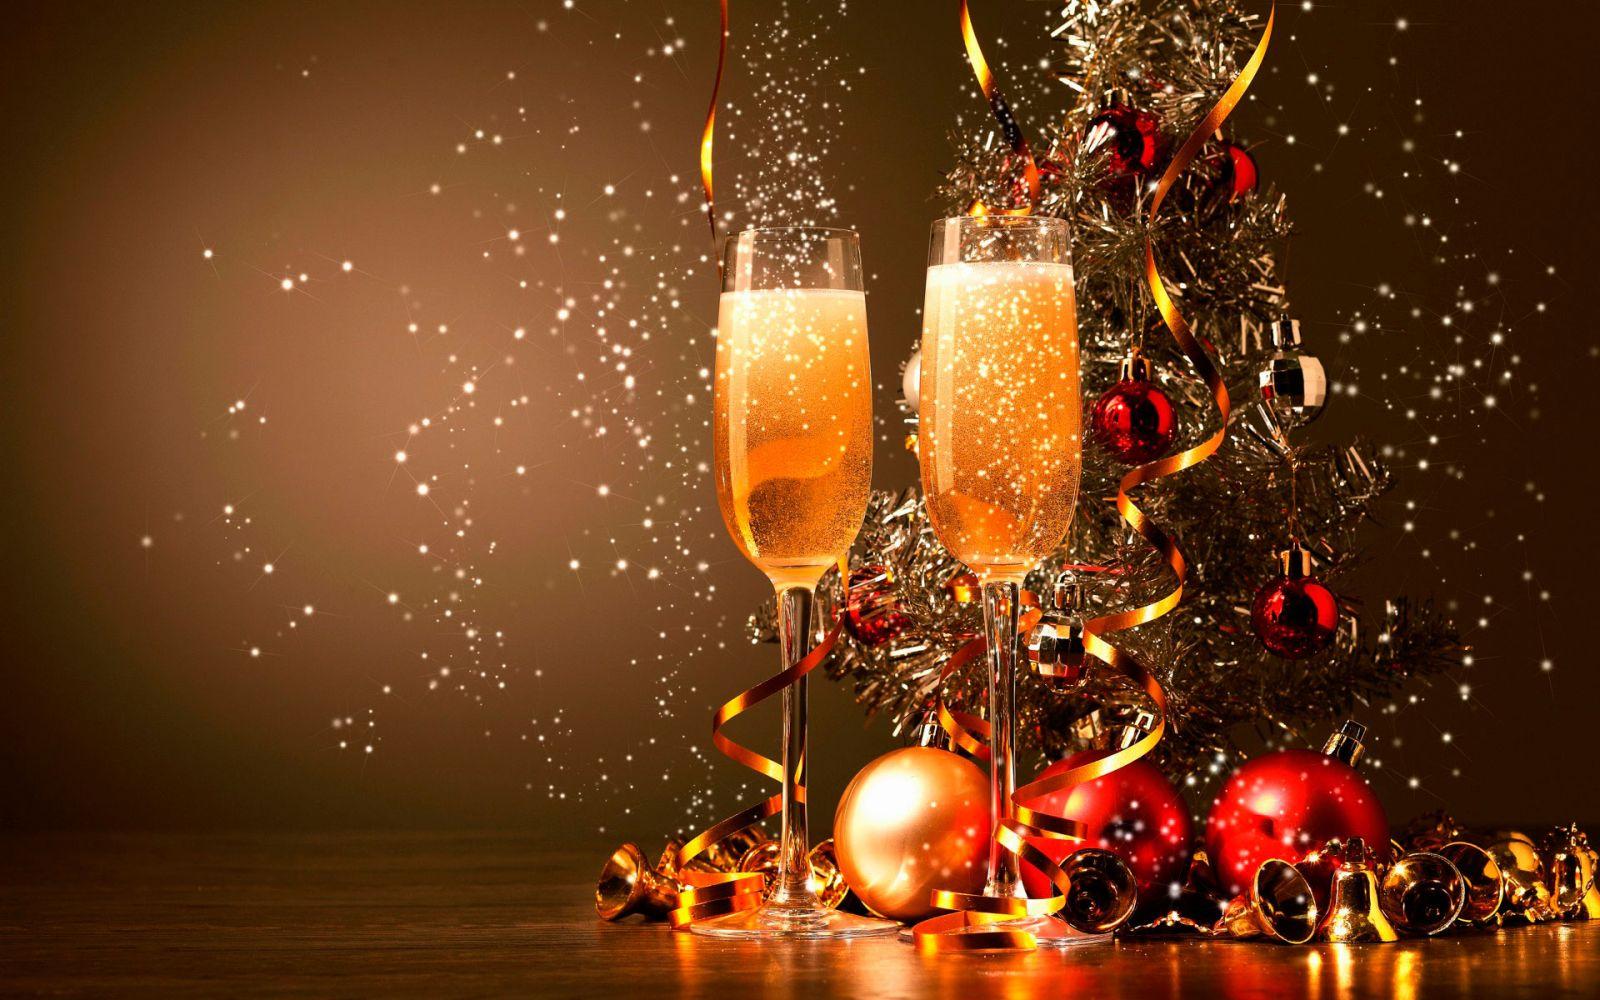 С Новым годом Козы! Смс-поздравления в стихах - фото №1